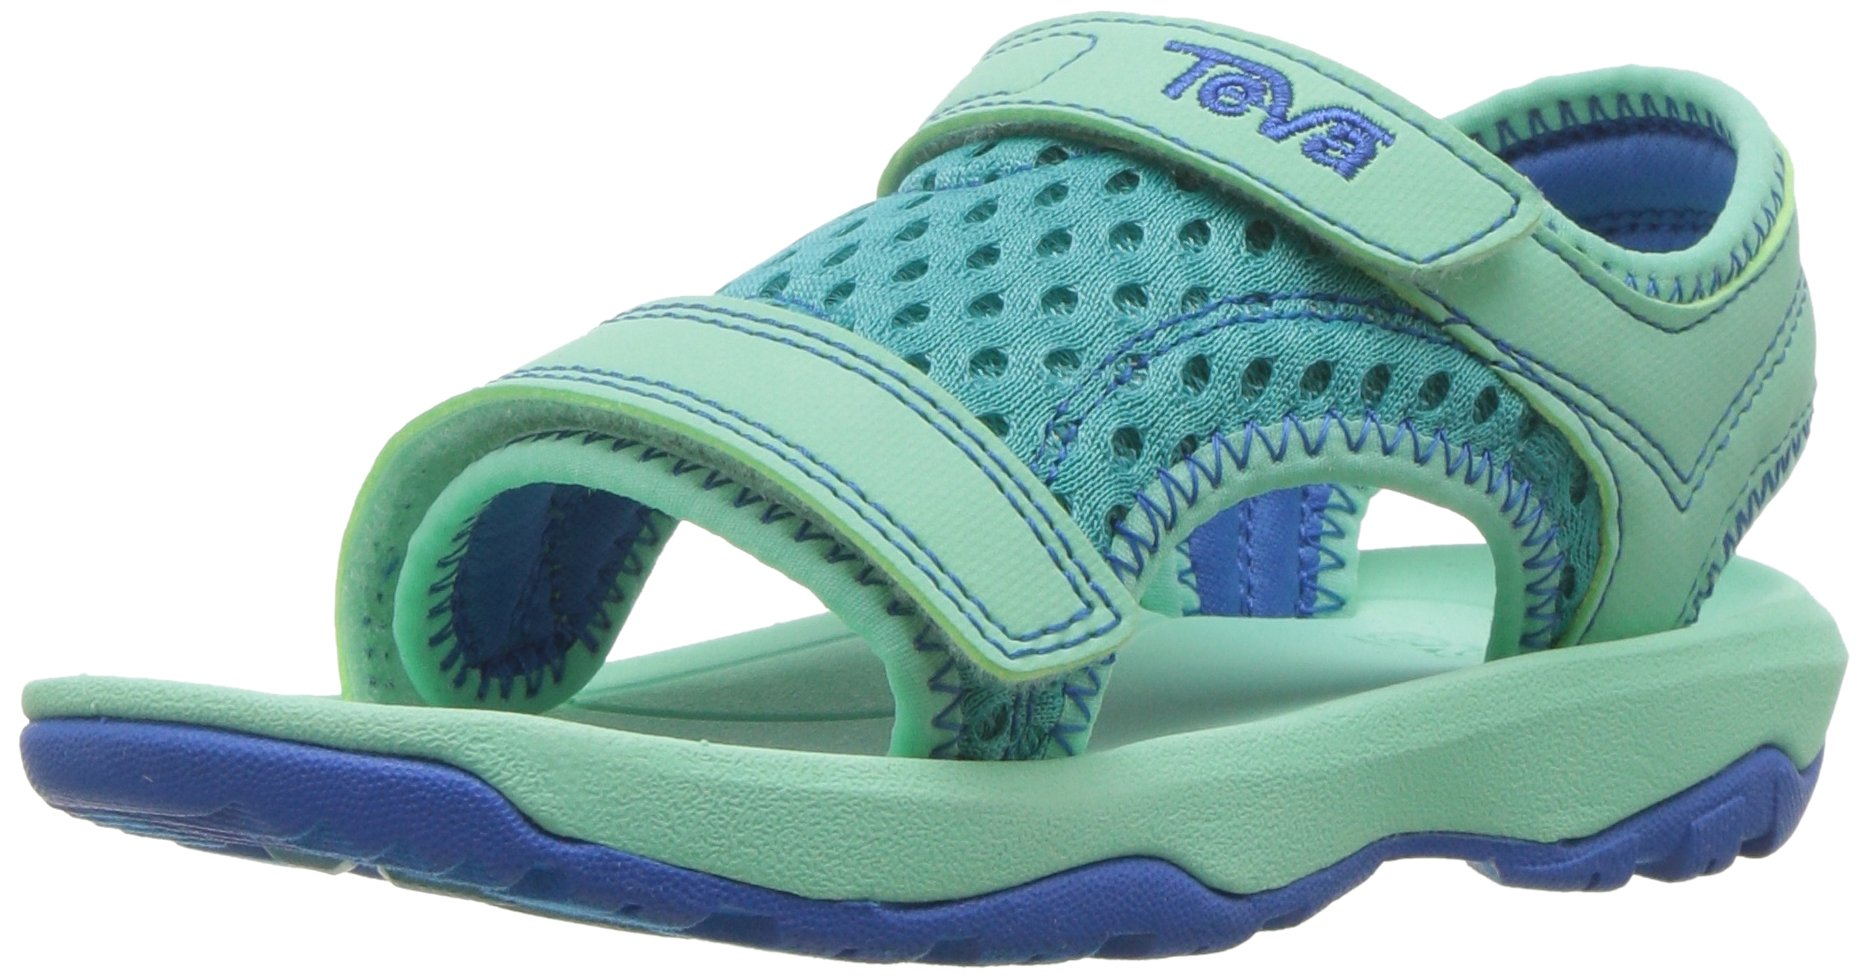 Teva Girls' T Psyclone XLT Sport Sandal, Sea Glass, 9 M US Toddler